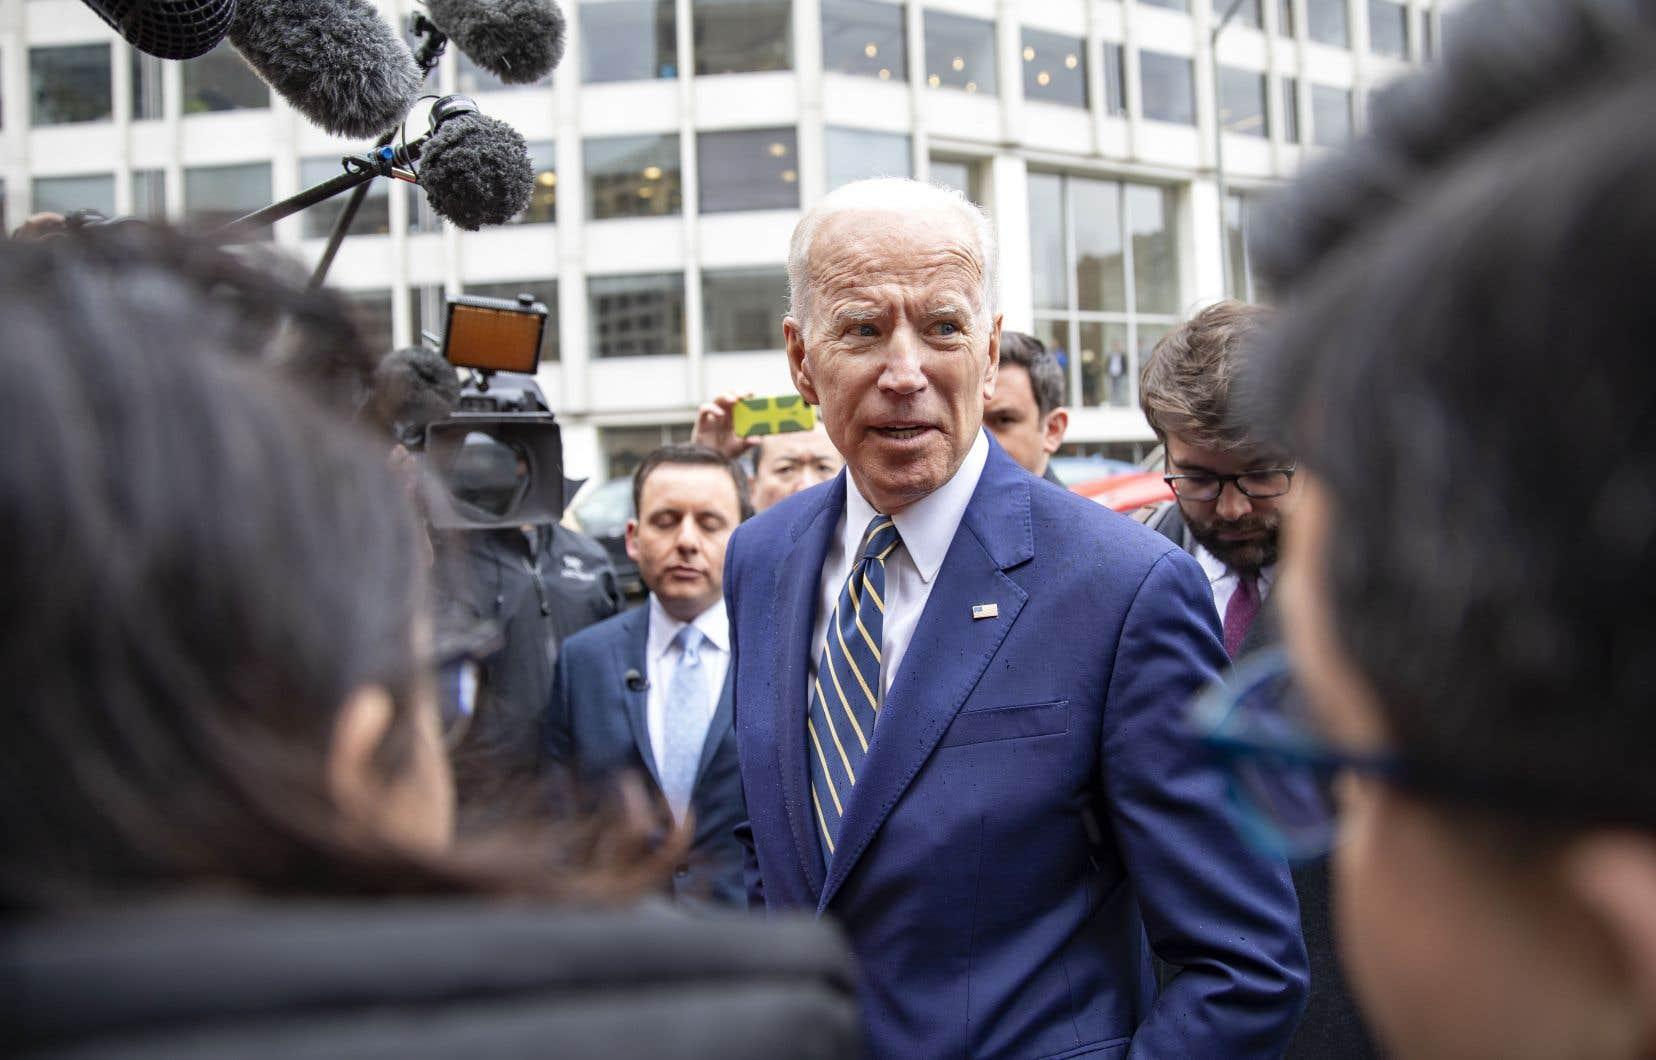 Joe Biden fait face depuis quelques jours à une controverse sur des gestes, comme des baisers ou des accolades, jugés trop appuyés par plusieurs femmes.